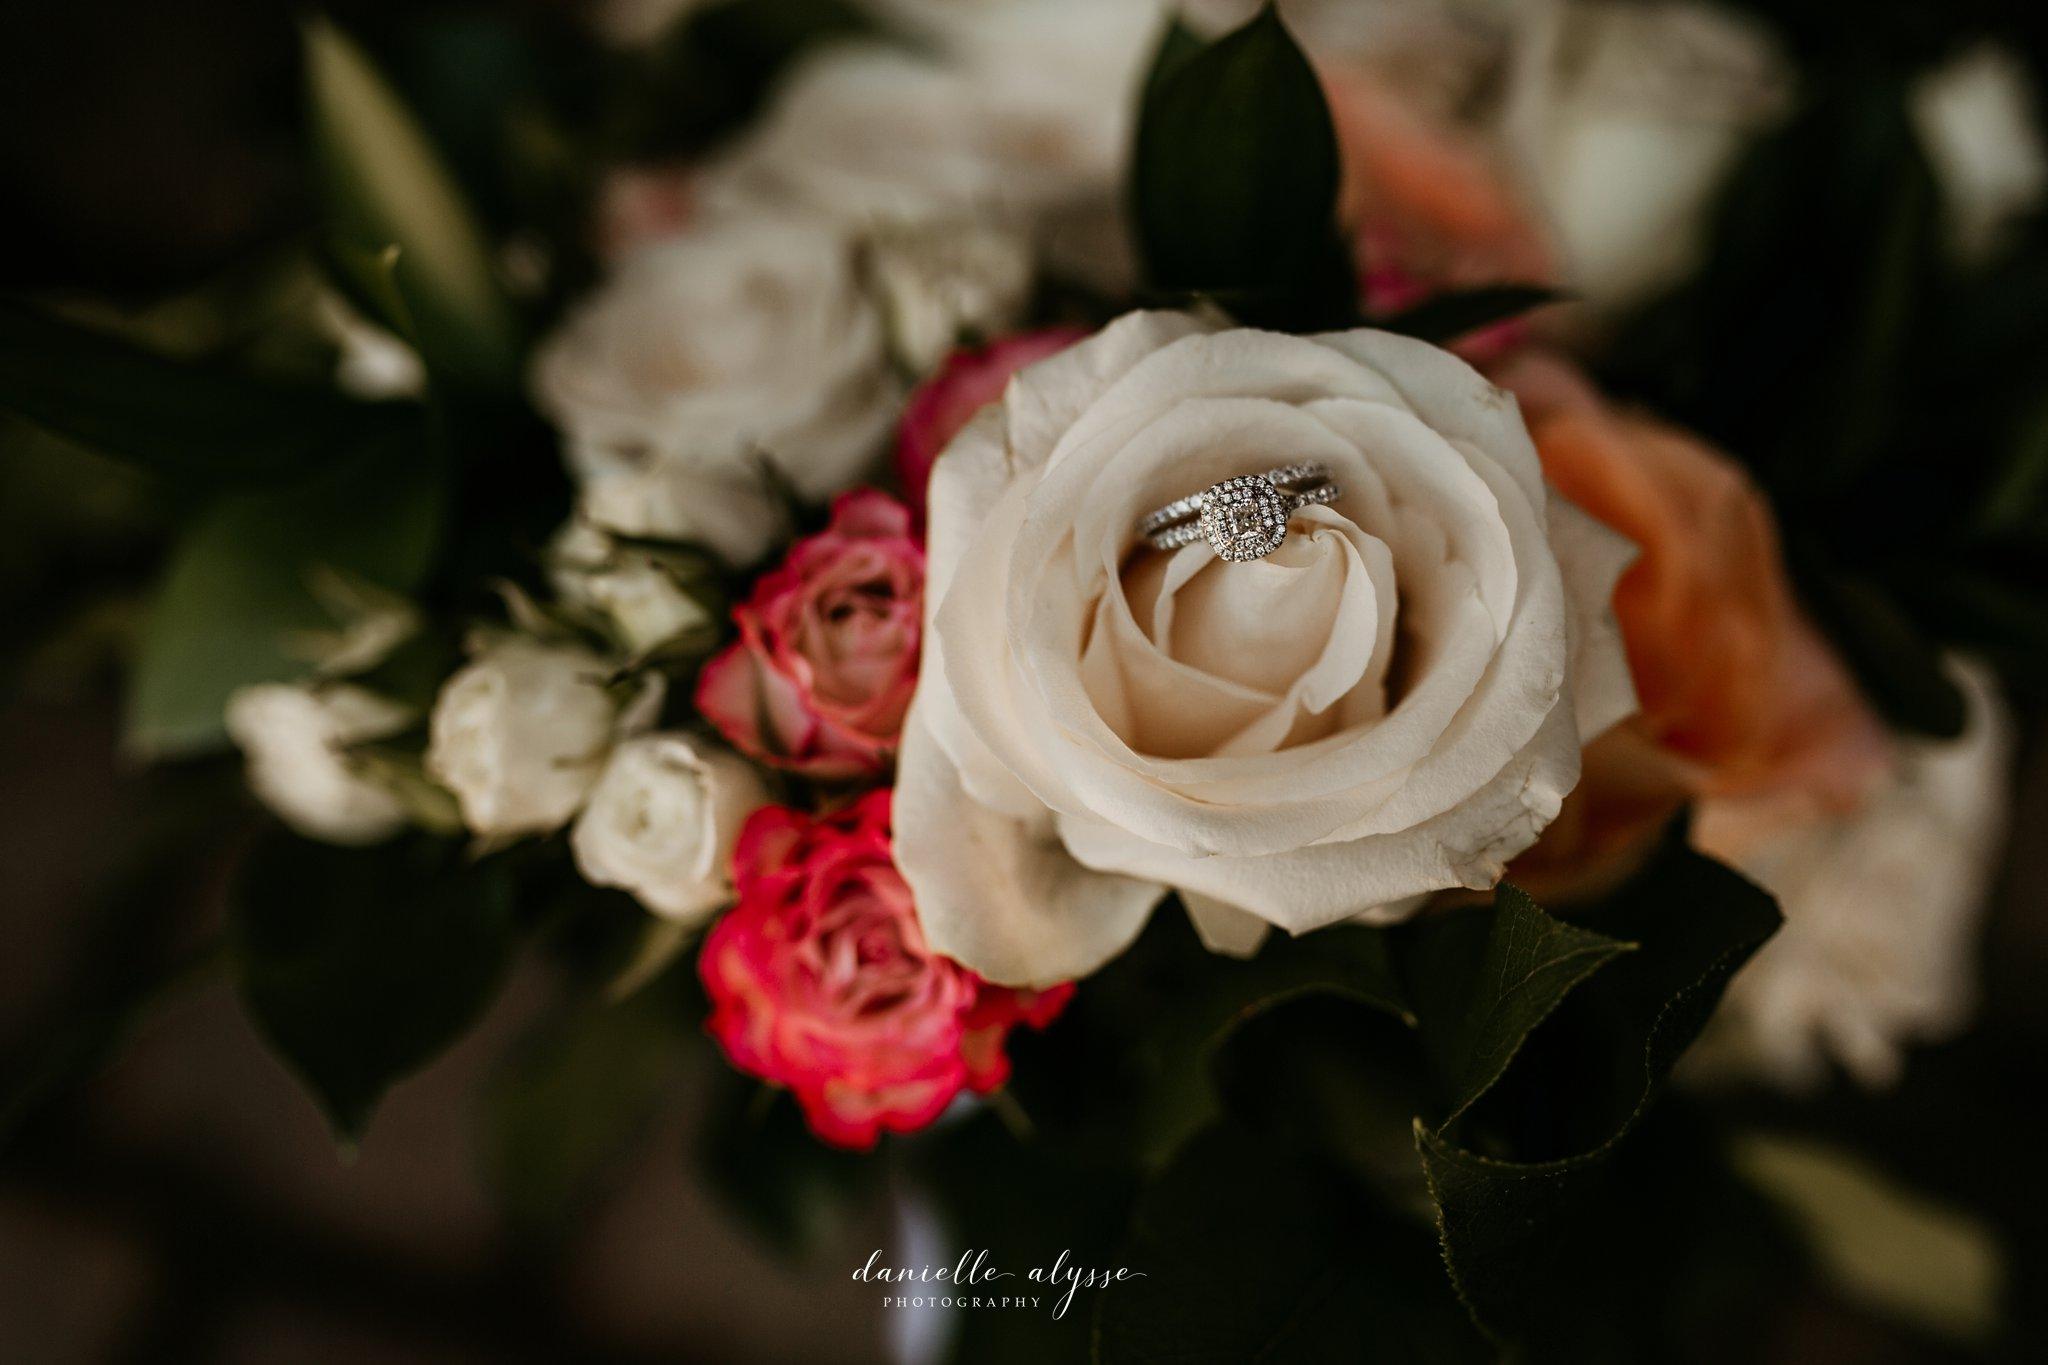 180630_wedding_lily_ryan_mission_soledad_california_danielle_alysse_photography_blog_37_WEB.jpg